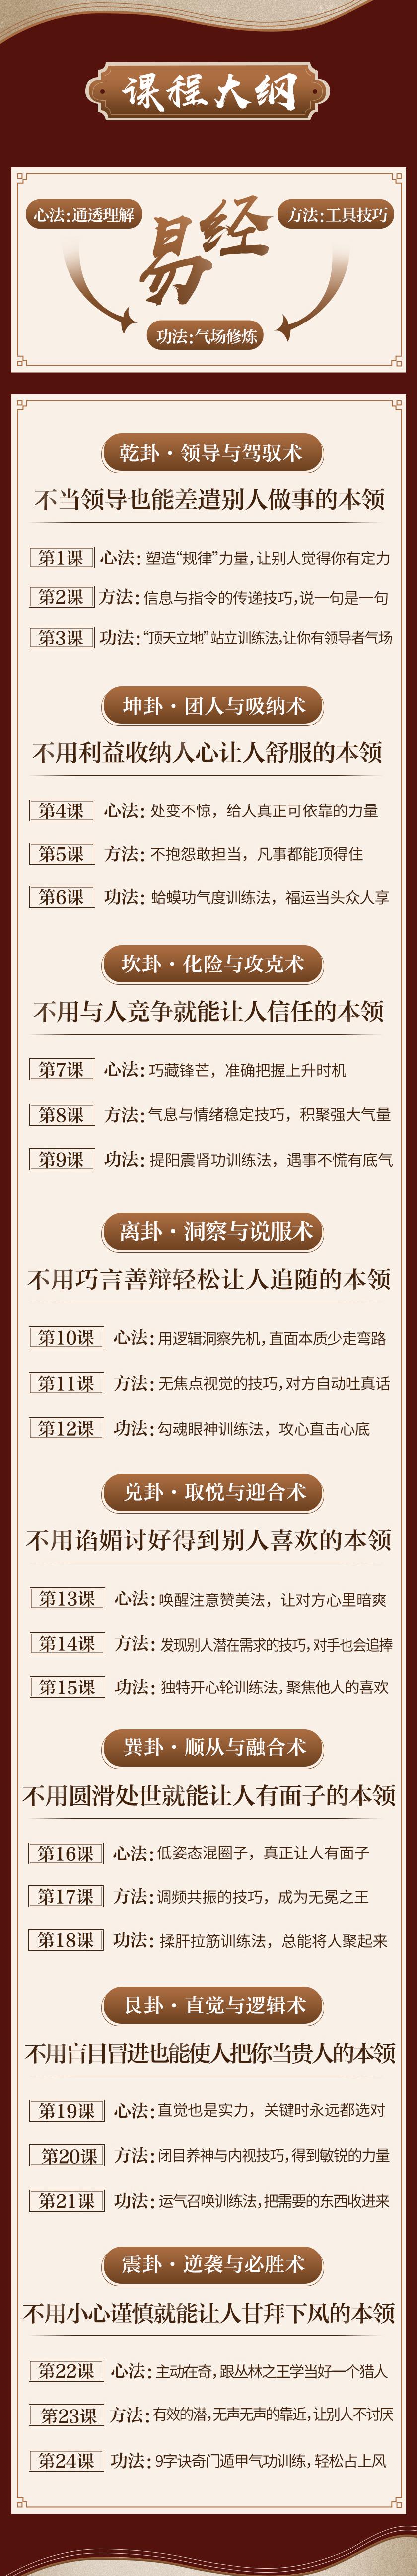 易经详情切片_03.jpg